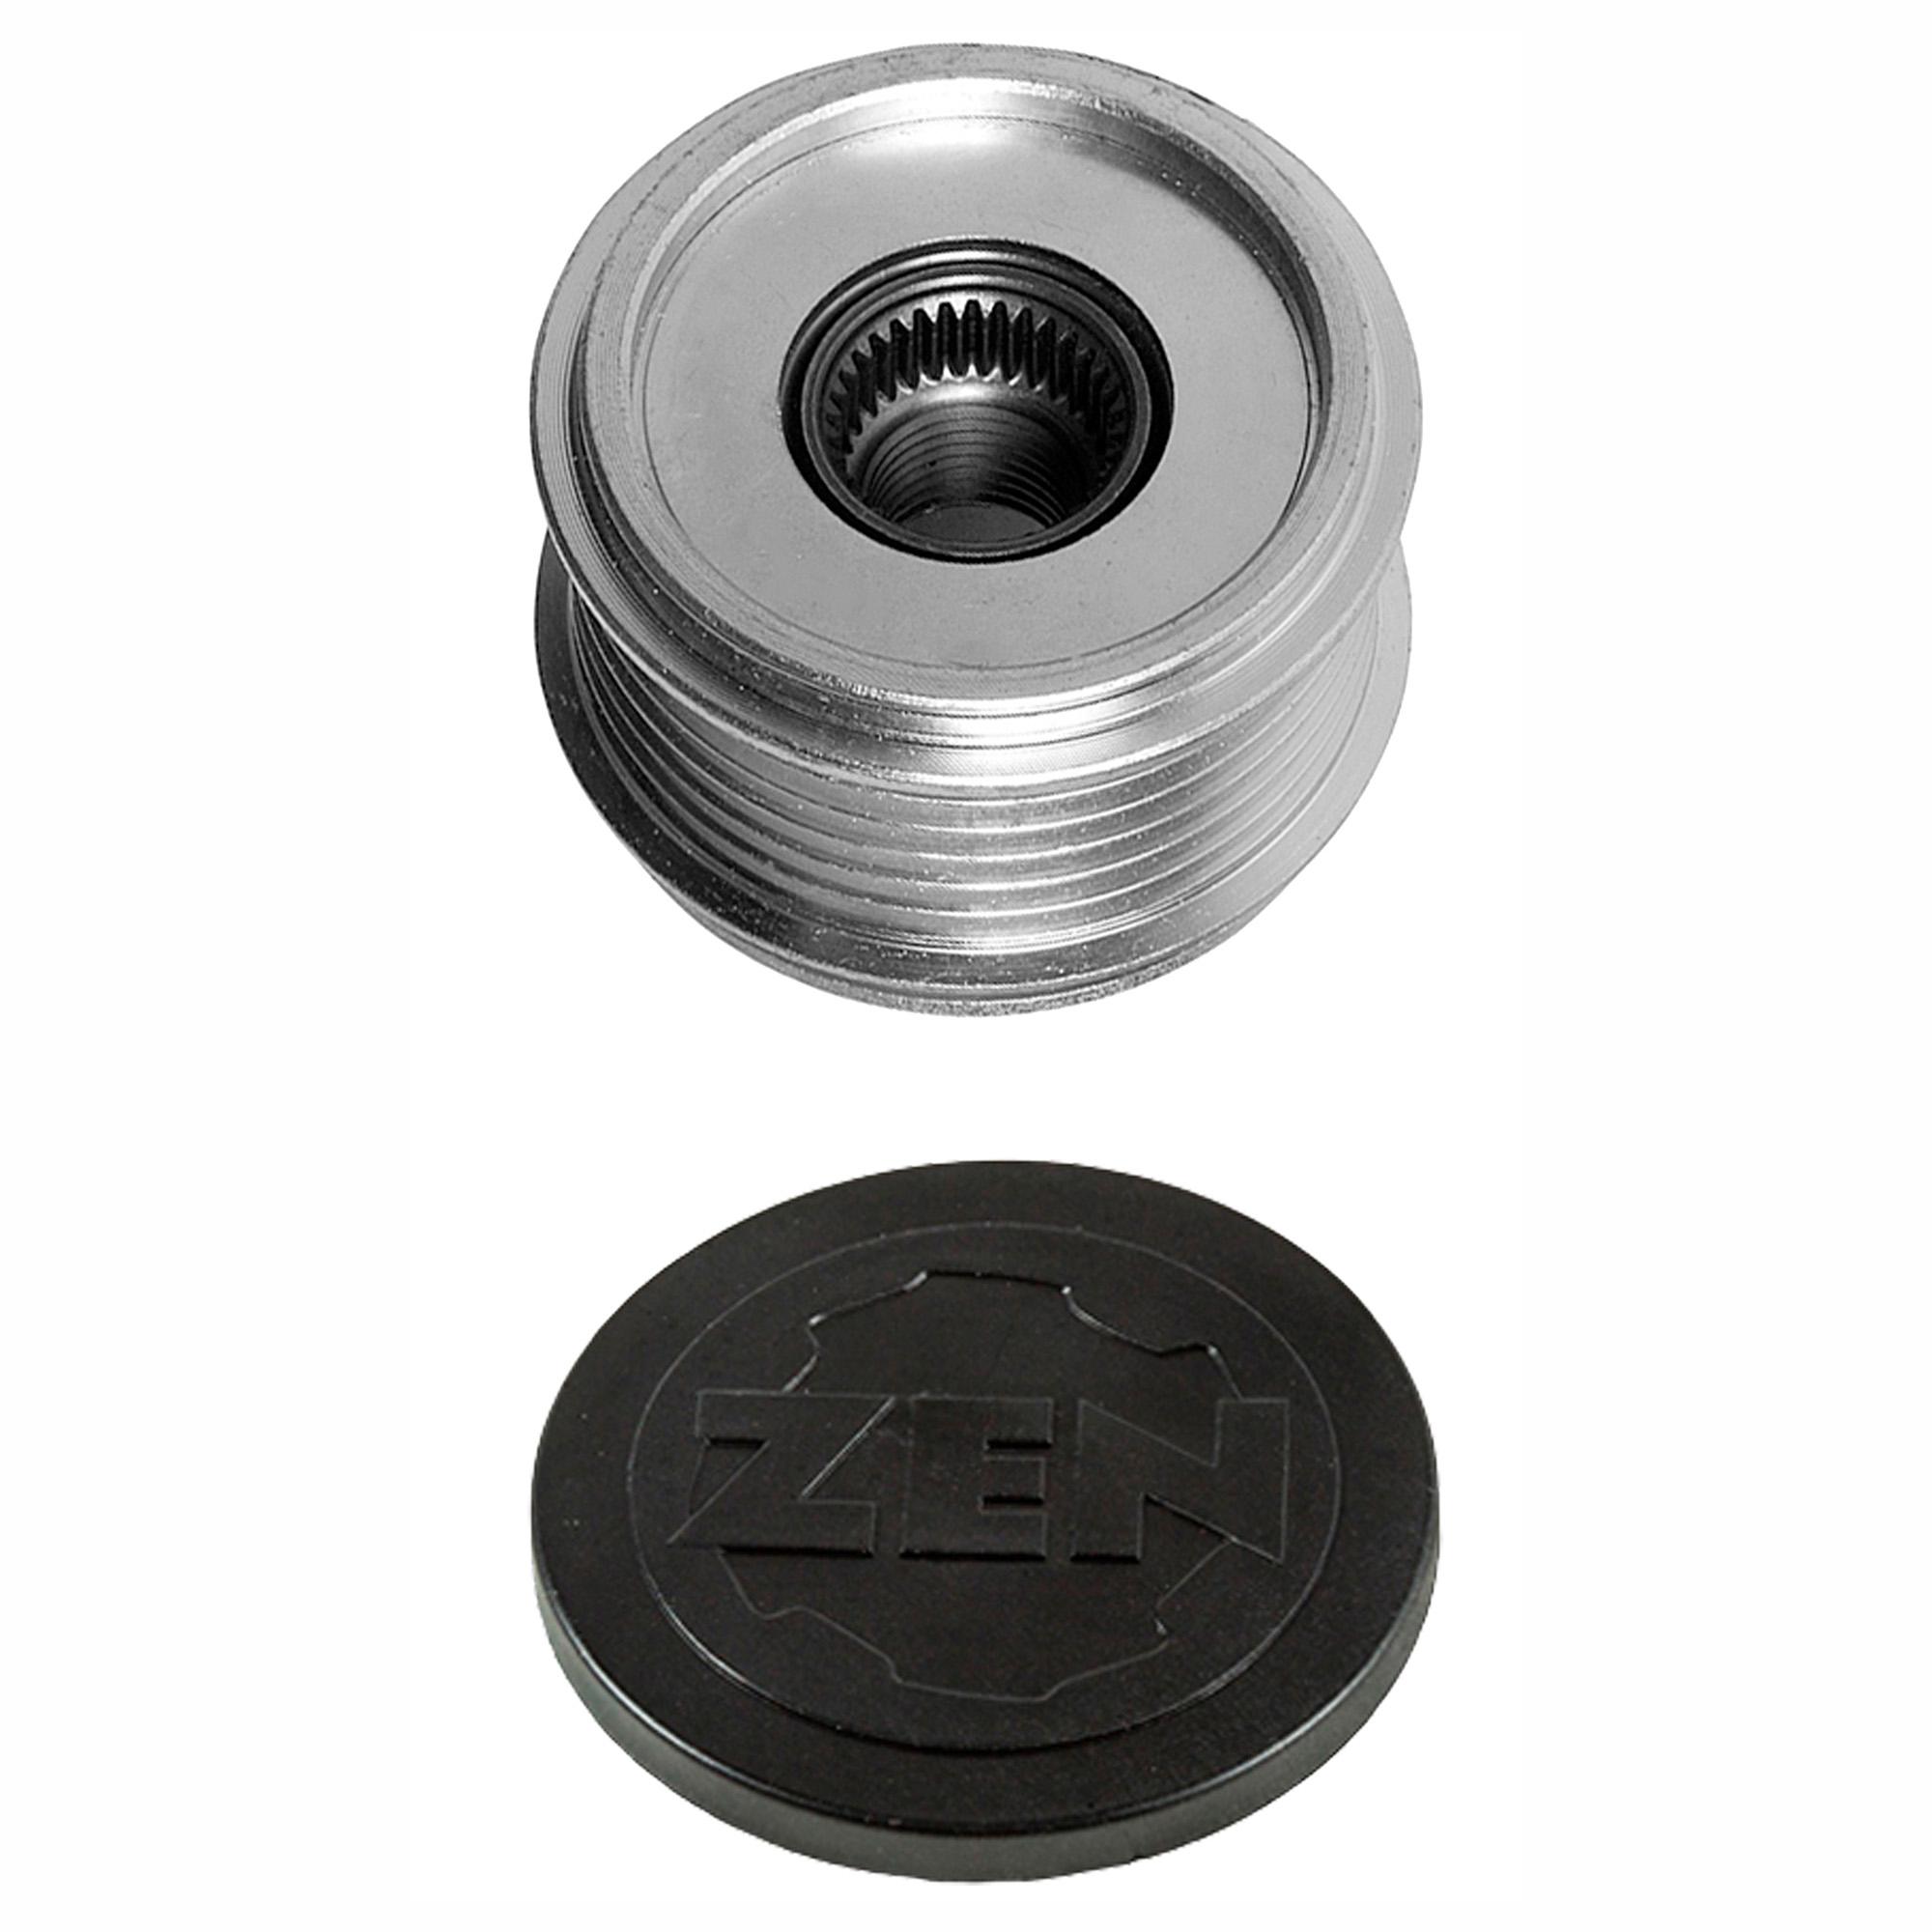 Polia Alternador Roda Livre AUDI A3 A4 A6 TT (ZEN5448) - ZEN